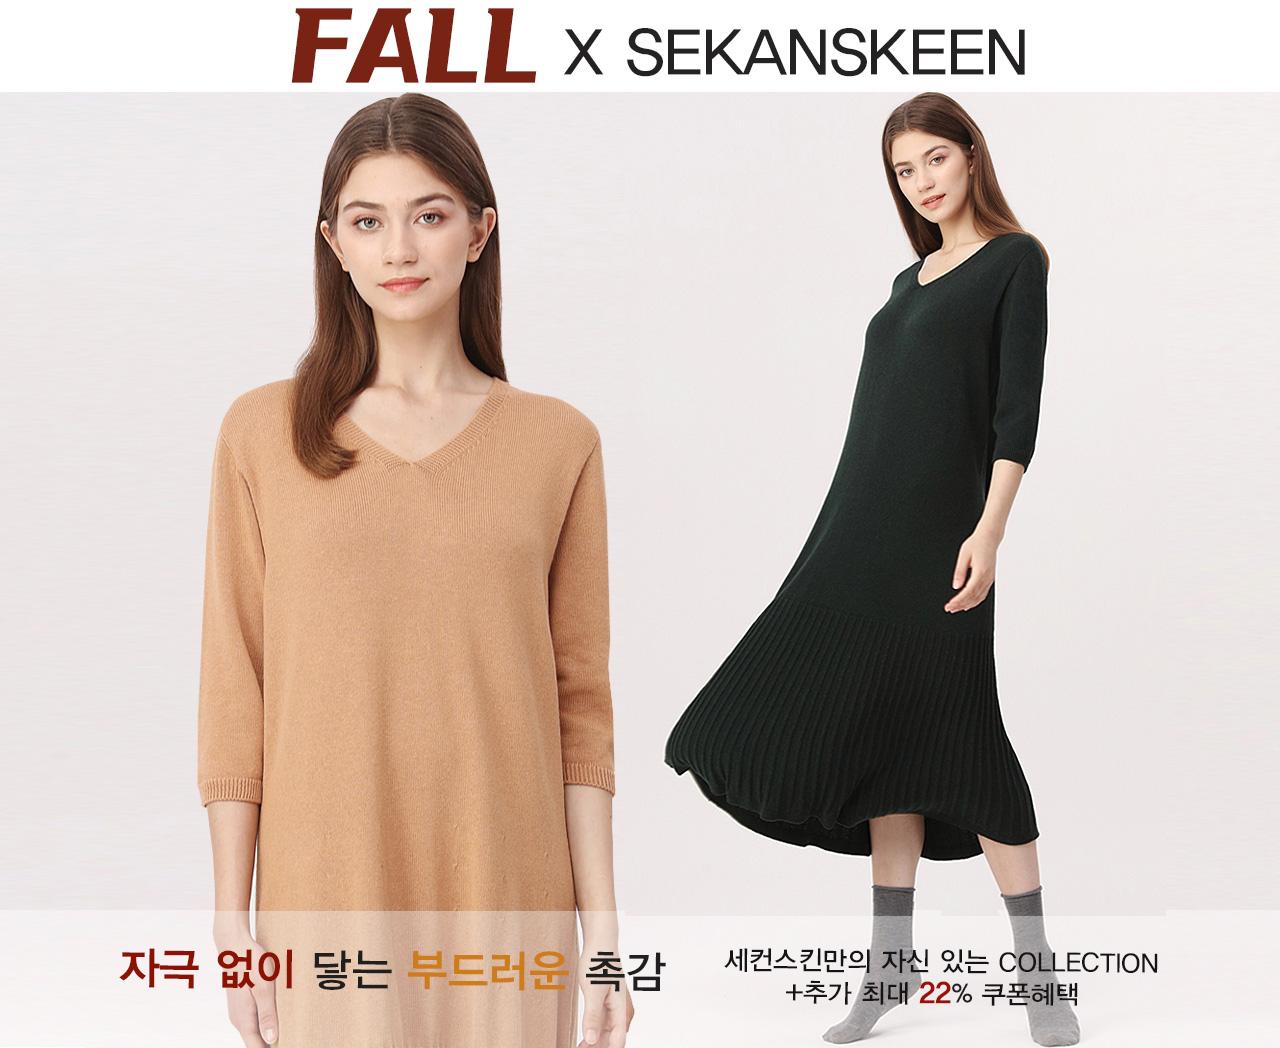 세컨스킨 - 김해점